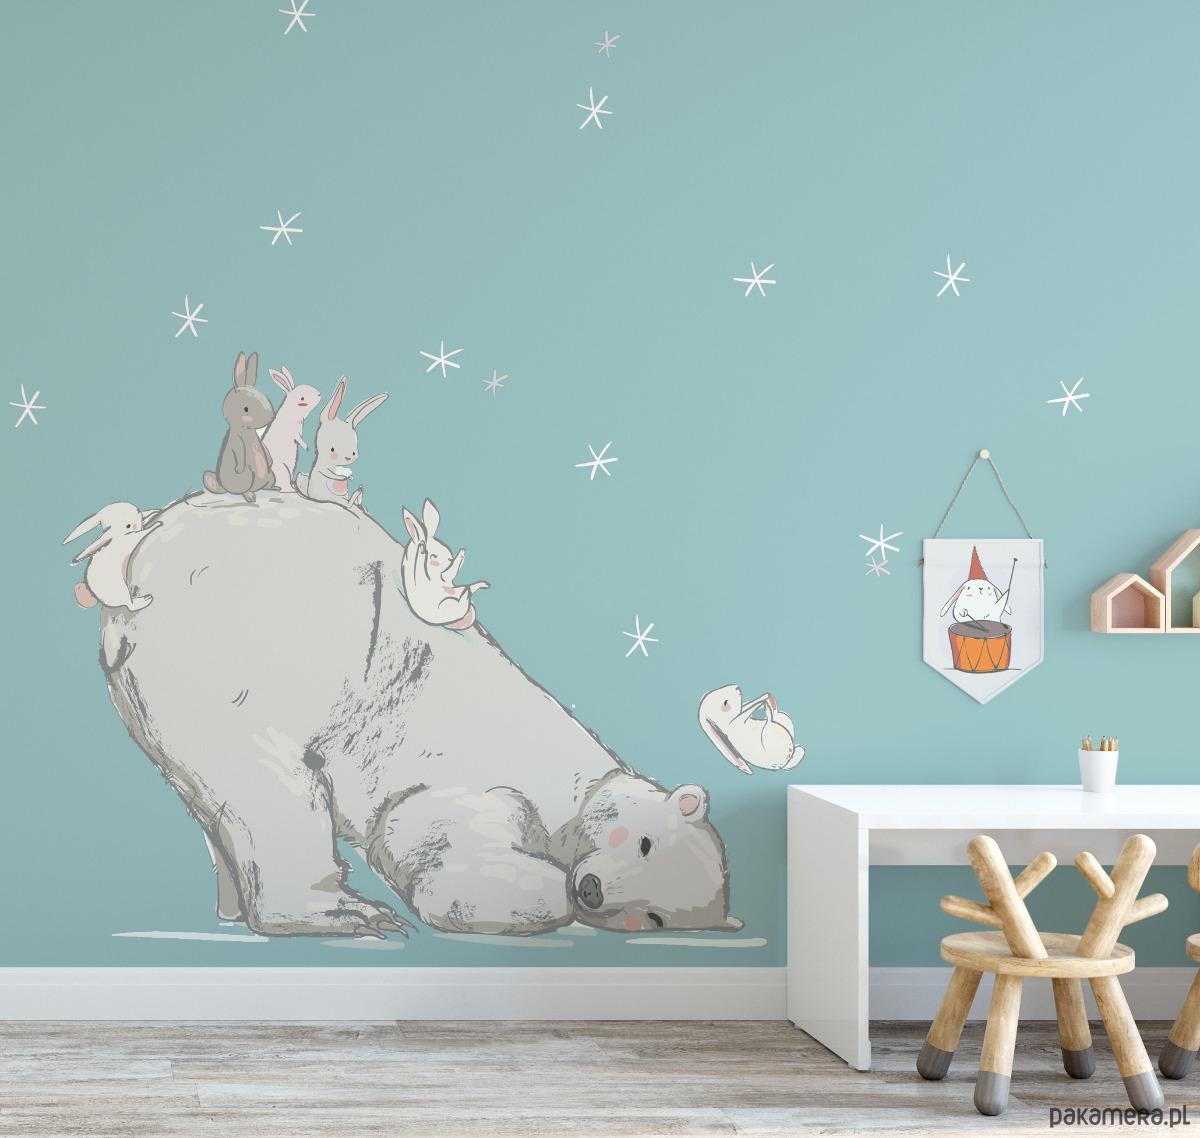 Naklejka Scienna Mis Polarny I Kroliczki Pokoj Dziecka